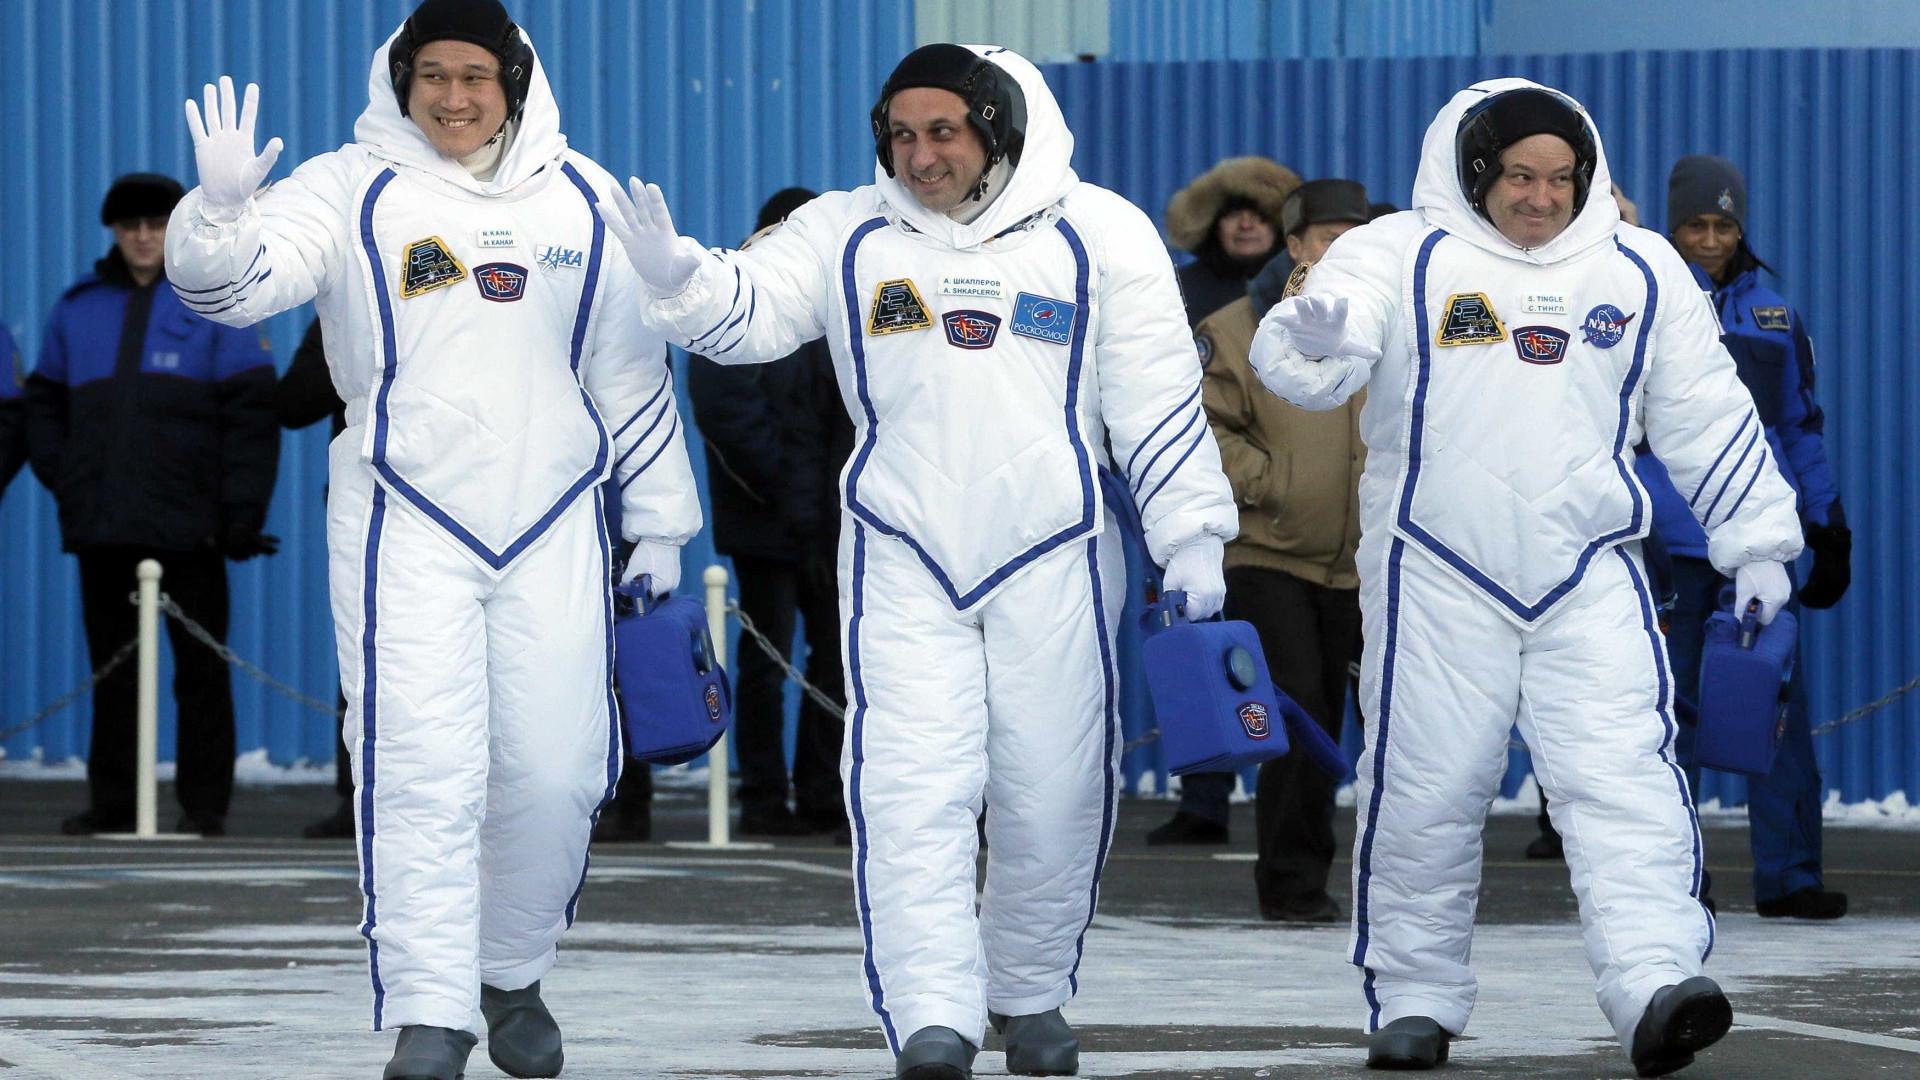 Soyus MS-07 lançada no Cazaquistão para a Estação Espacial Internacional